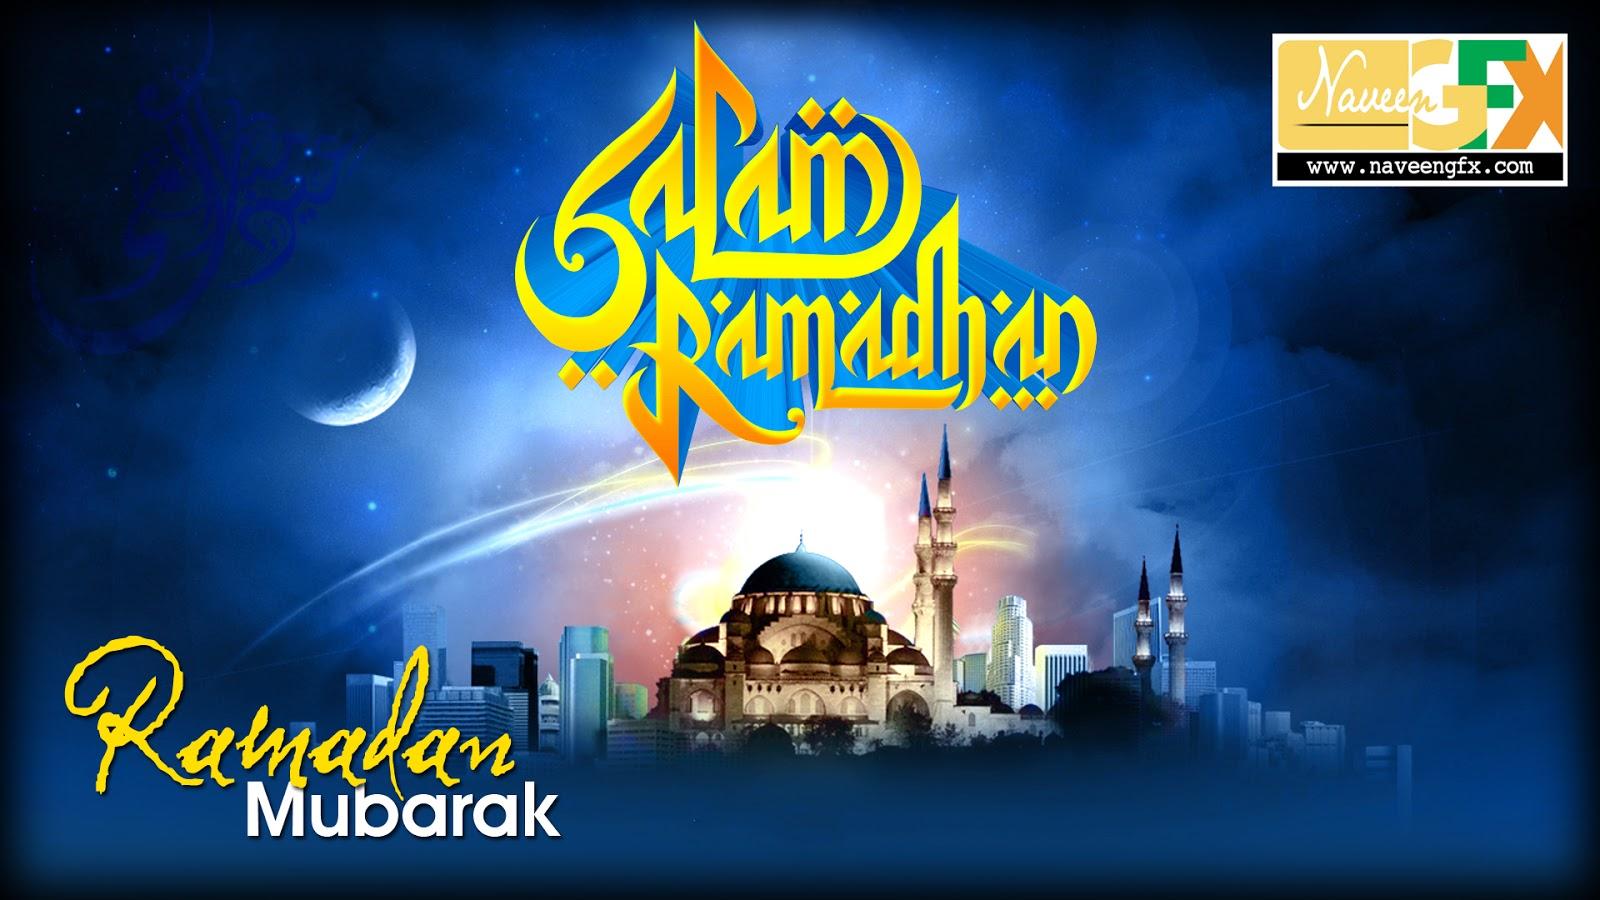 Hd wallpaper ramzan mubarak - Ramadan Mubarak Best Islamic Hd Wallpapers